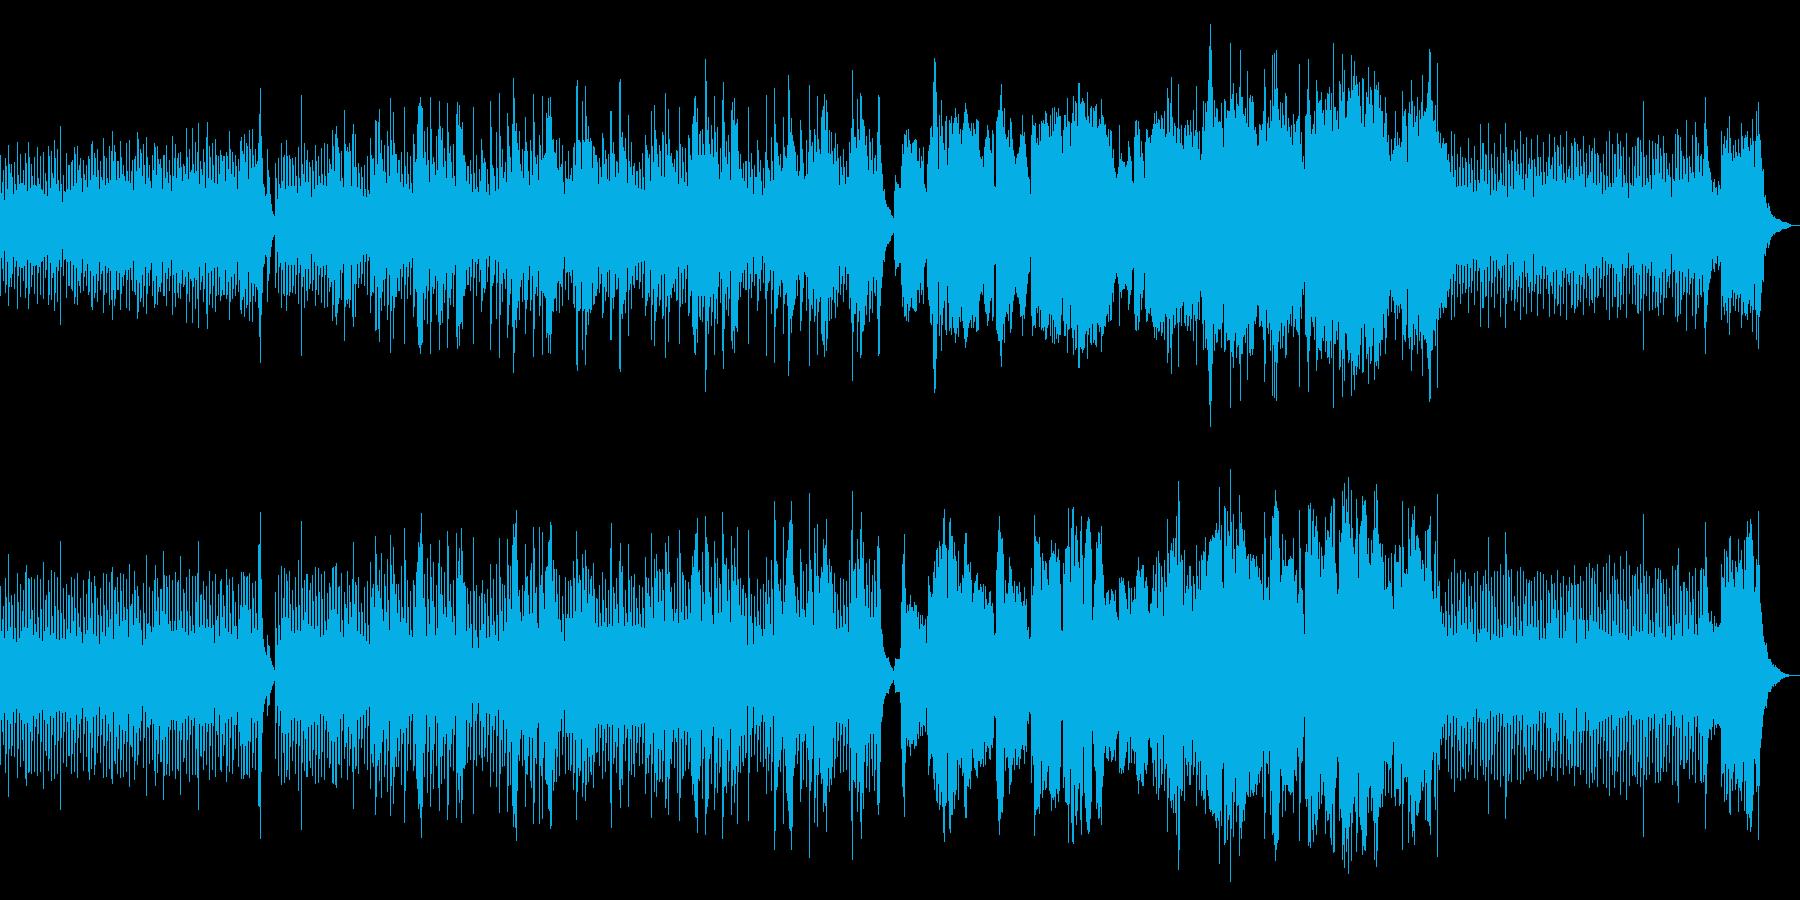 箏、尺八、和太鼓による3連符の和風な曲の再生済みの波形